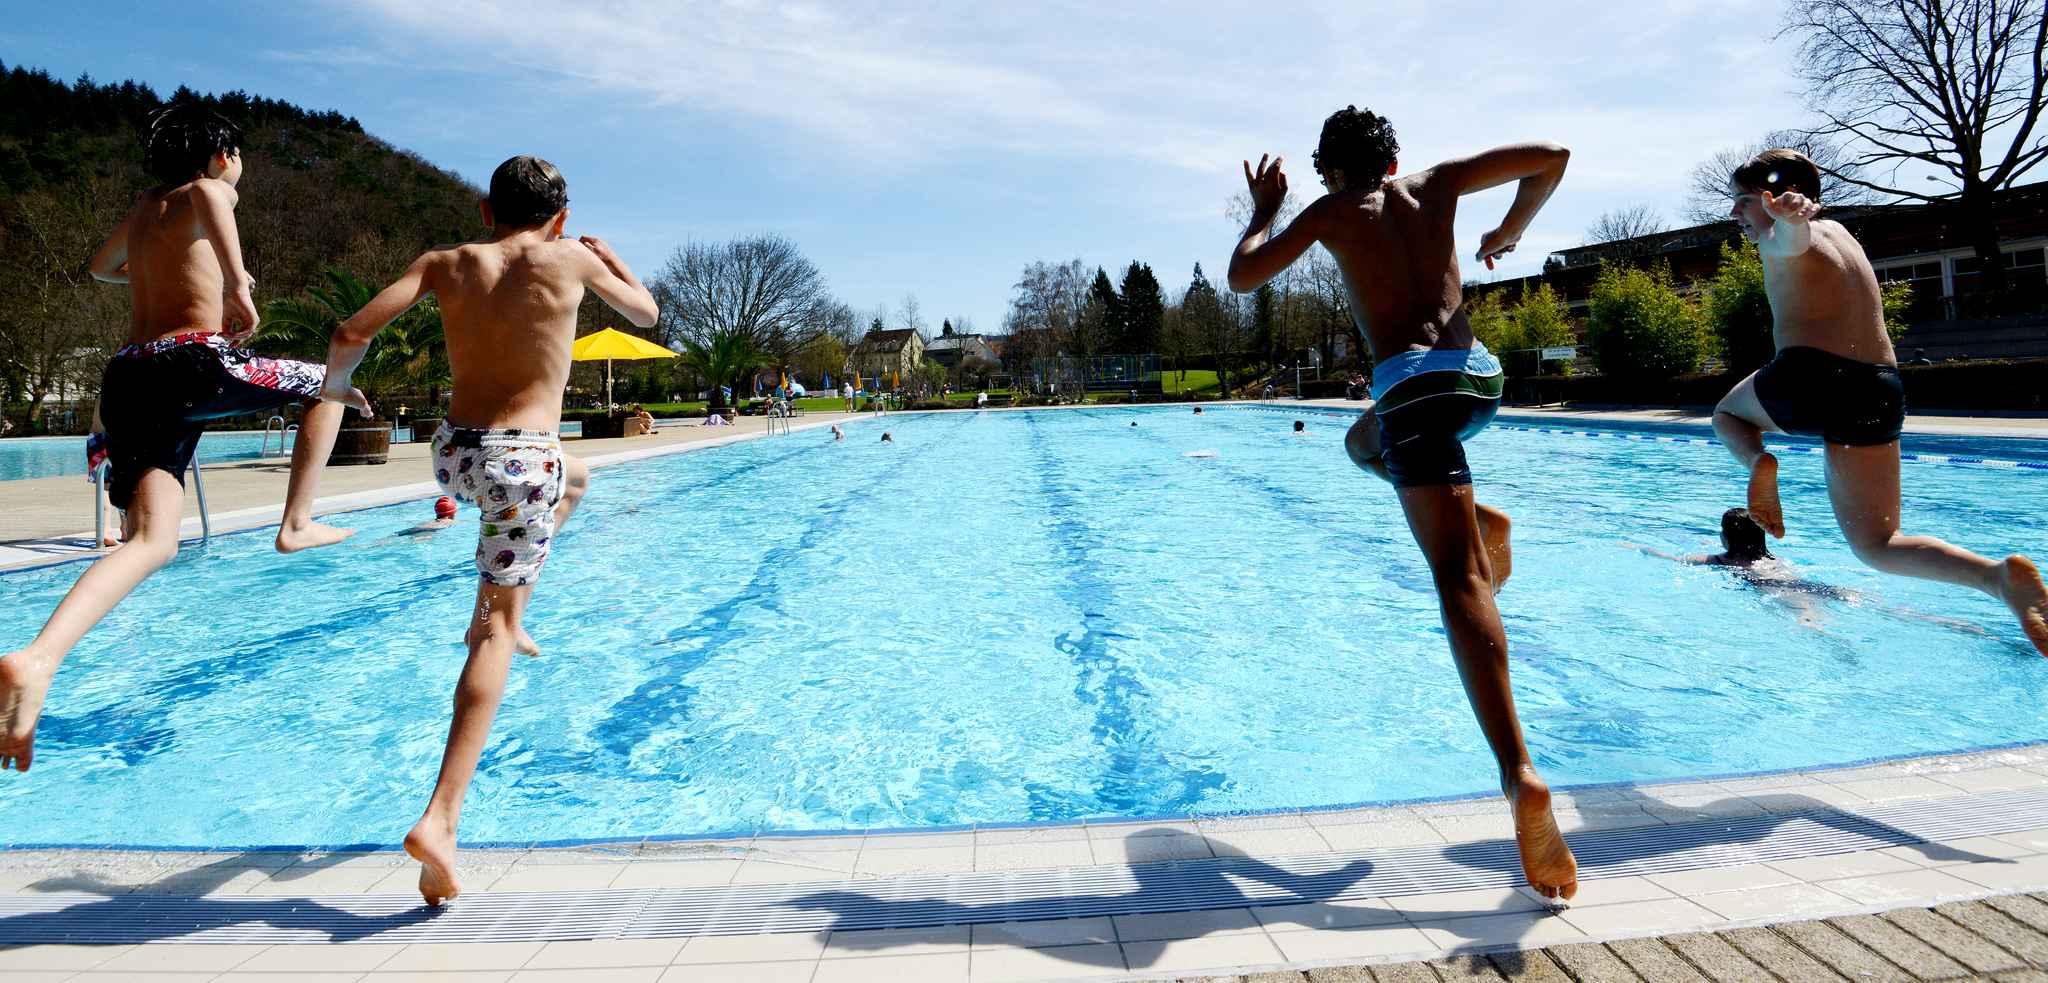 """""""Time-in, sautez-tous dans la piscine..."""" Quelque chose me dit que ça va être insuffisant pour créer une dynamique sociale forte..."""